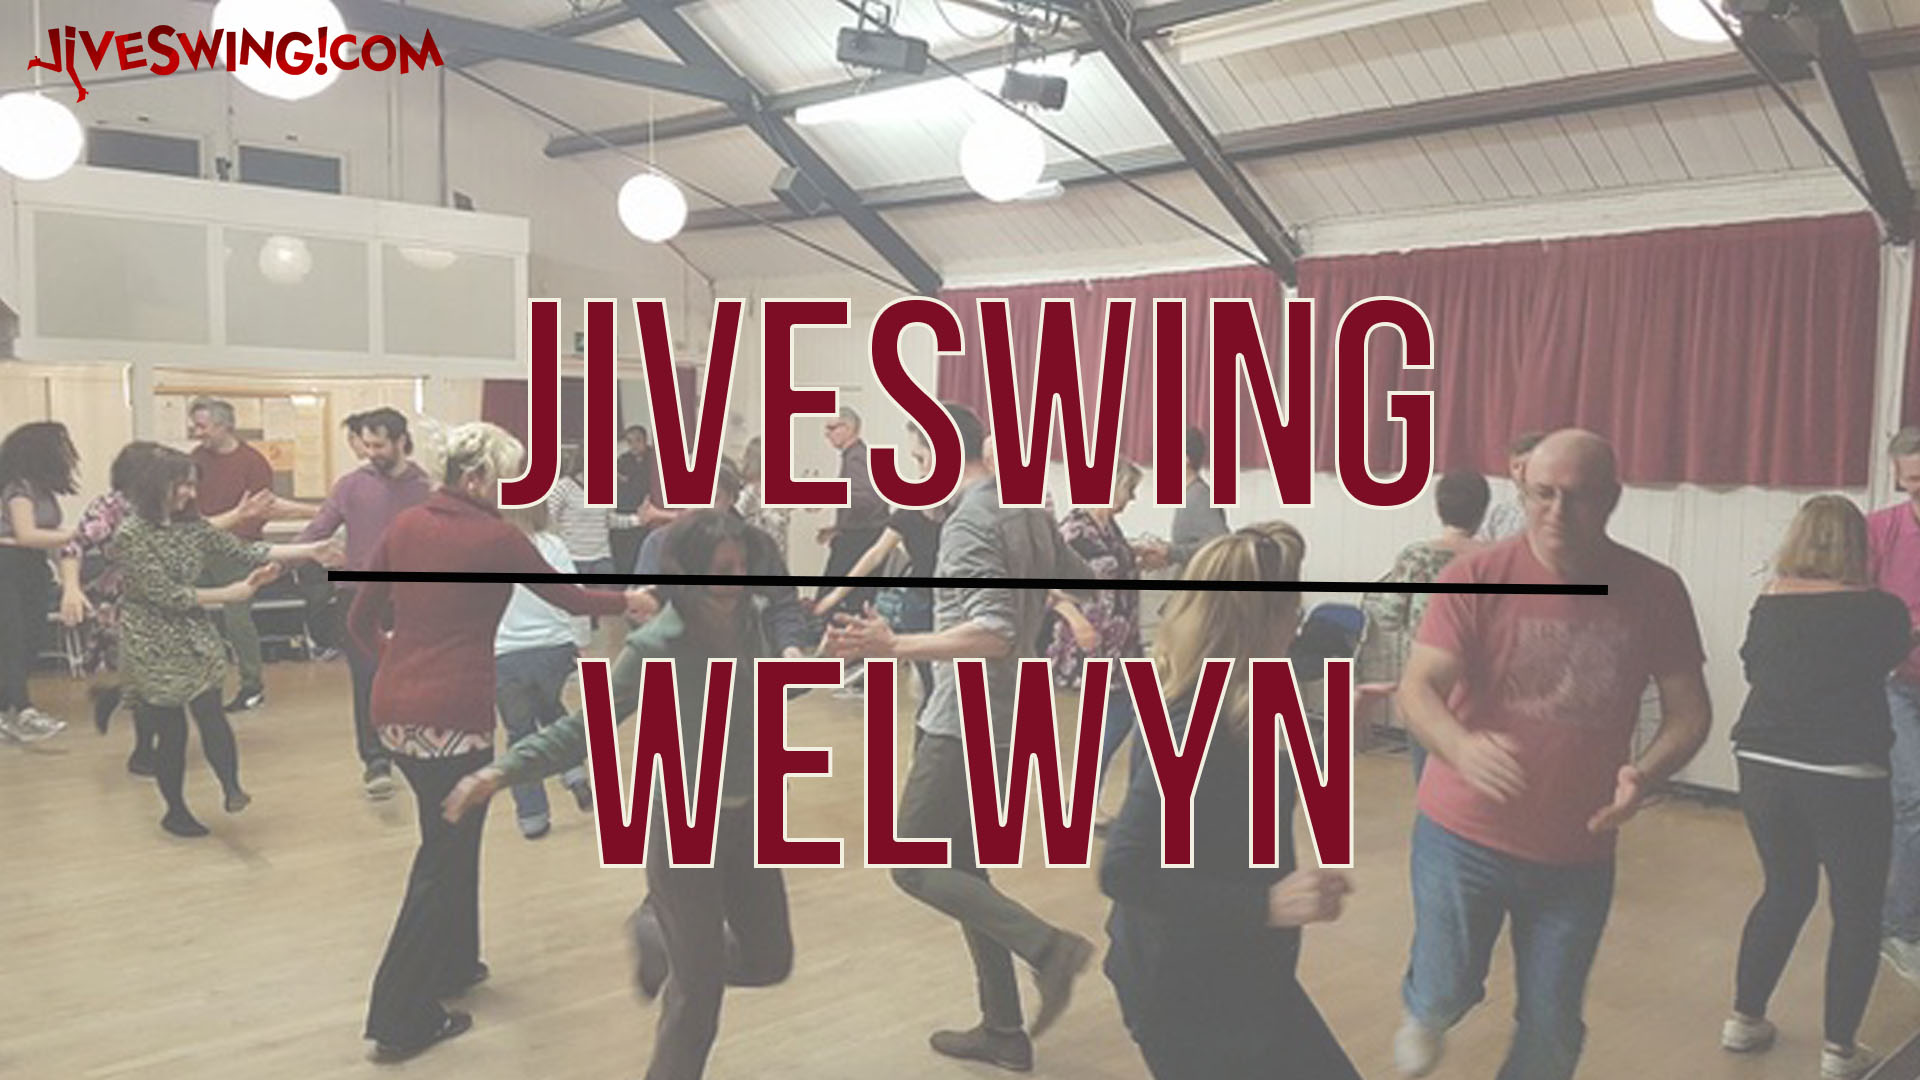 Jiveswing Welwyn – 4 Week Course!